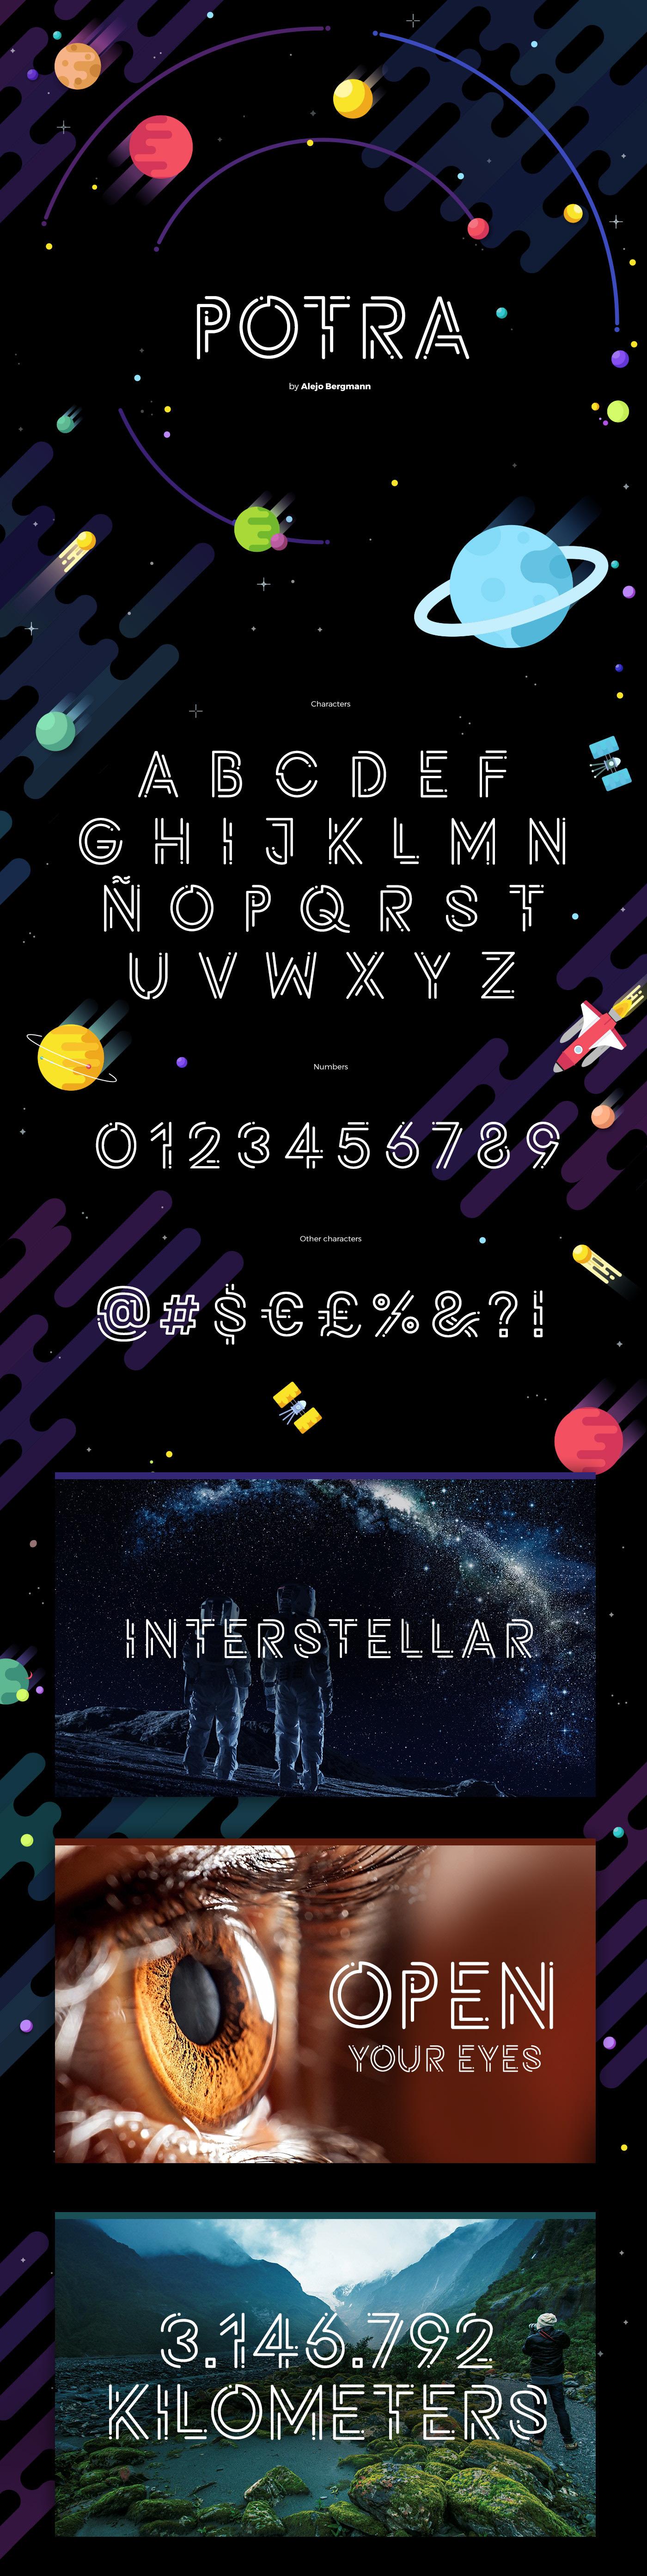 free Free font free fonts Typeface Display futuristic Gaming modern logo